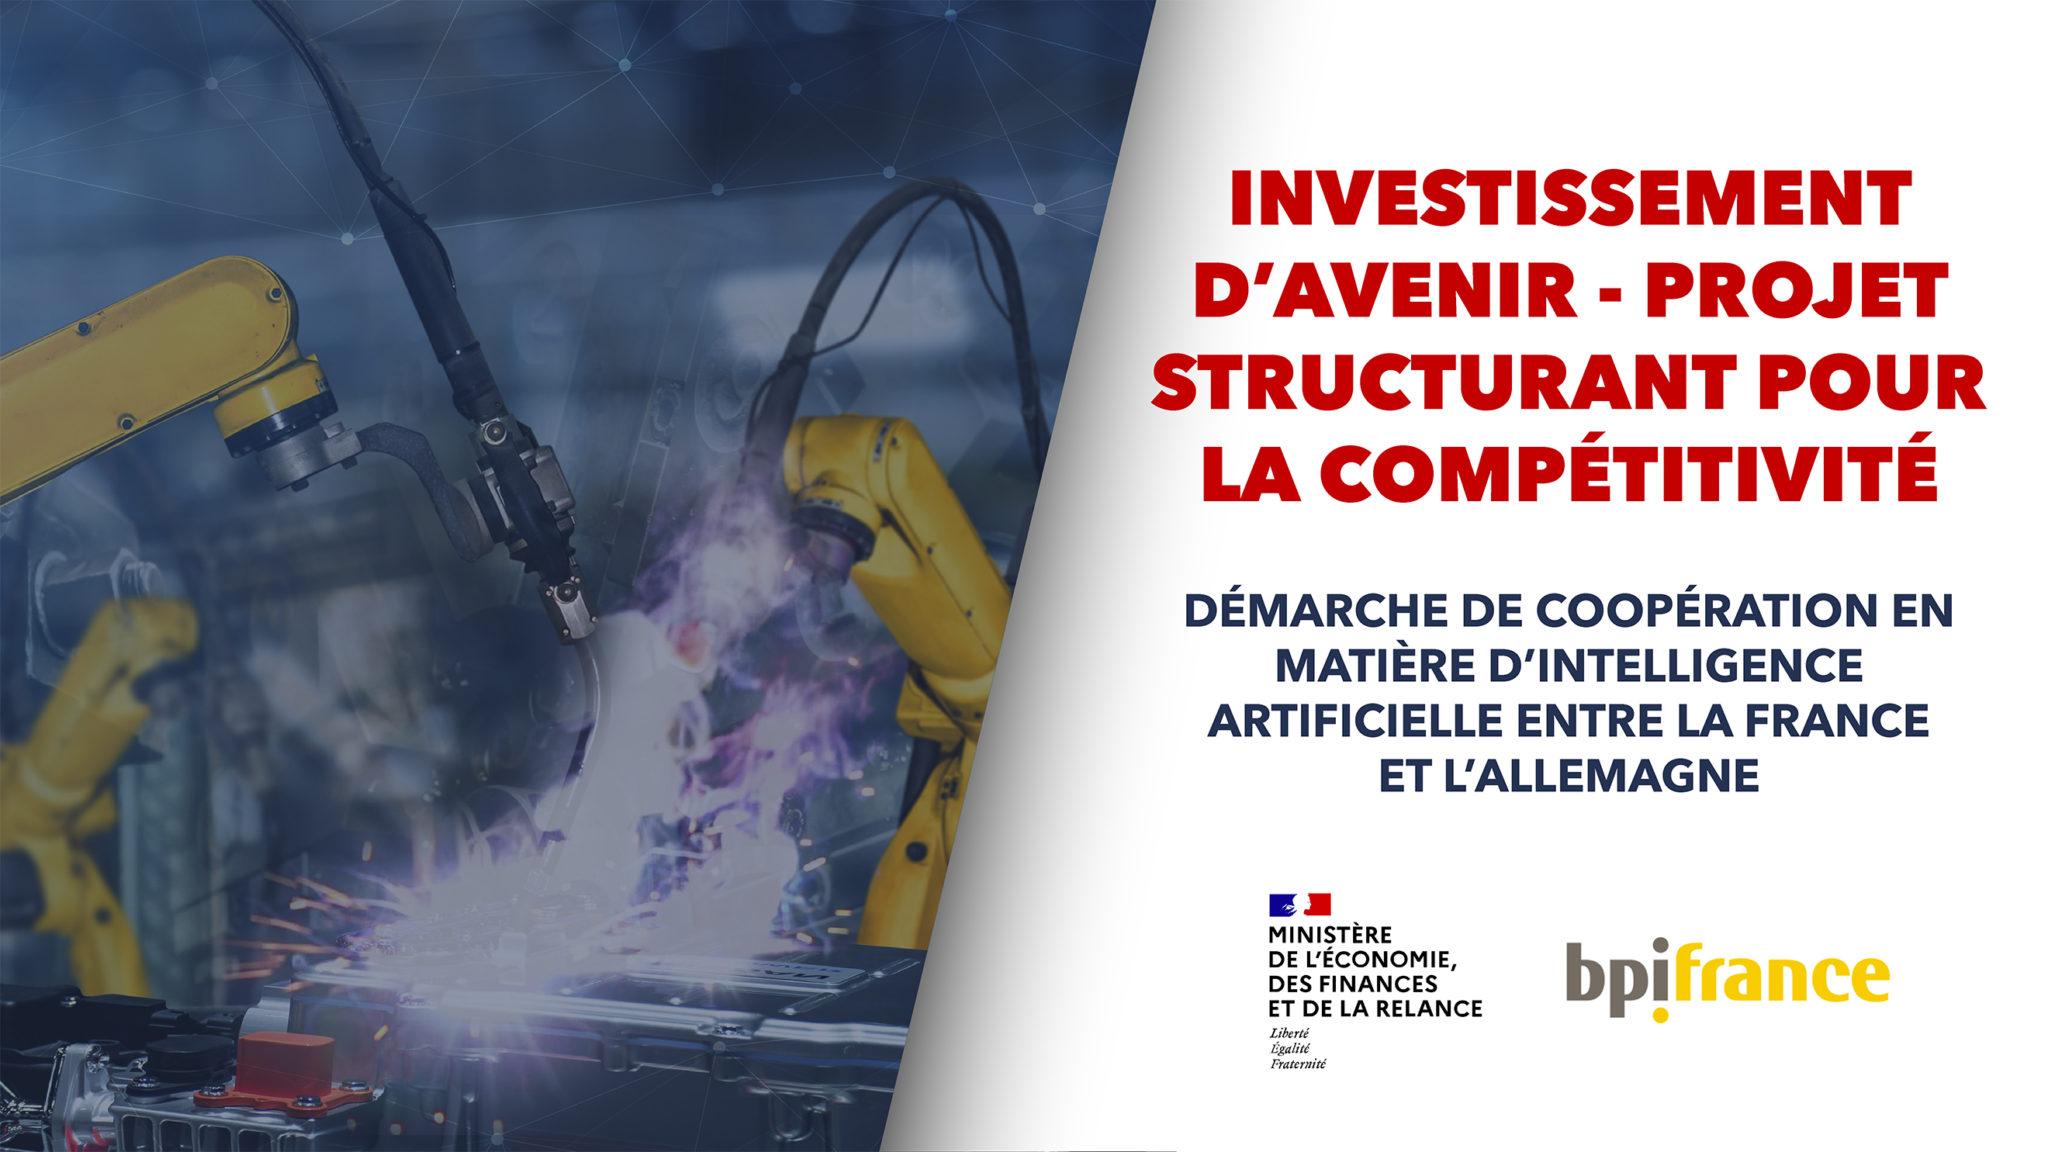 Investissement d'avenir - Projet Structurant Pour la Compétitivité 1